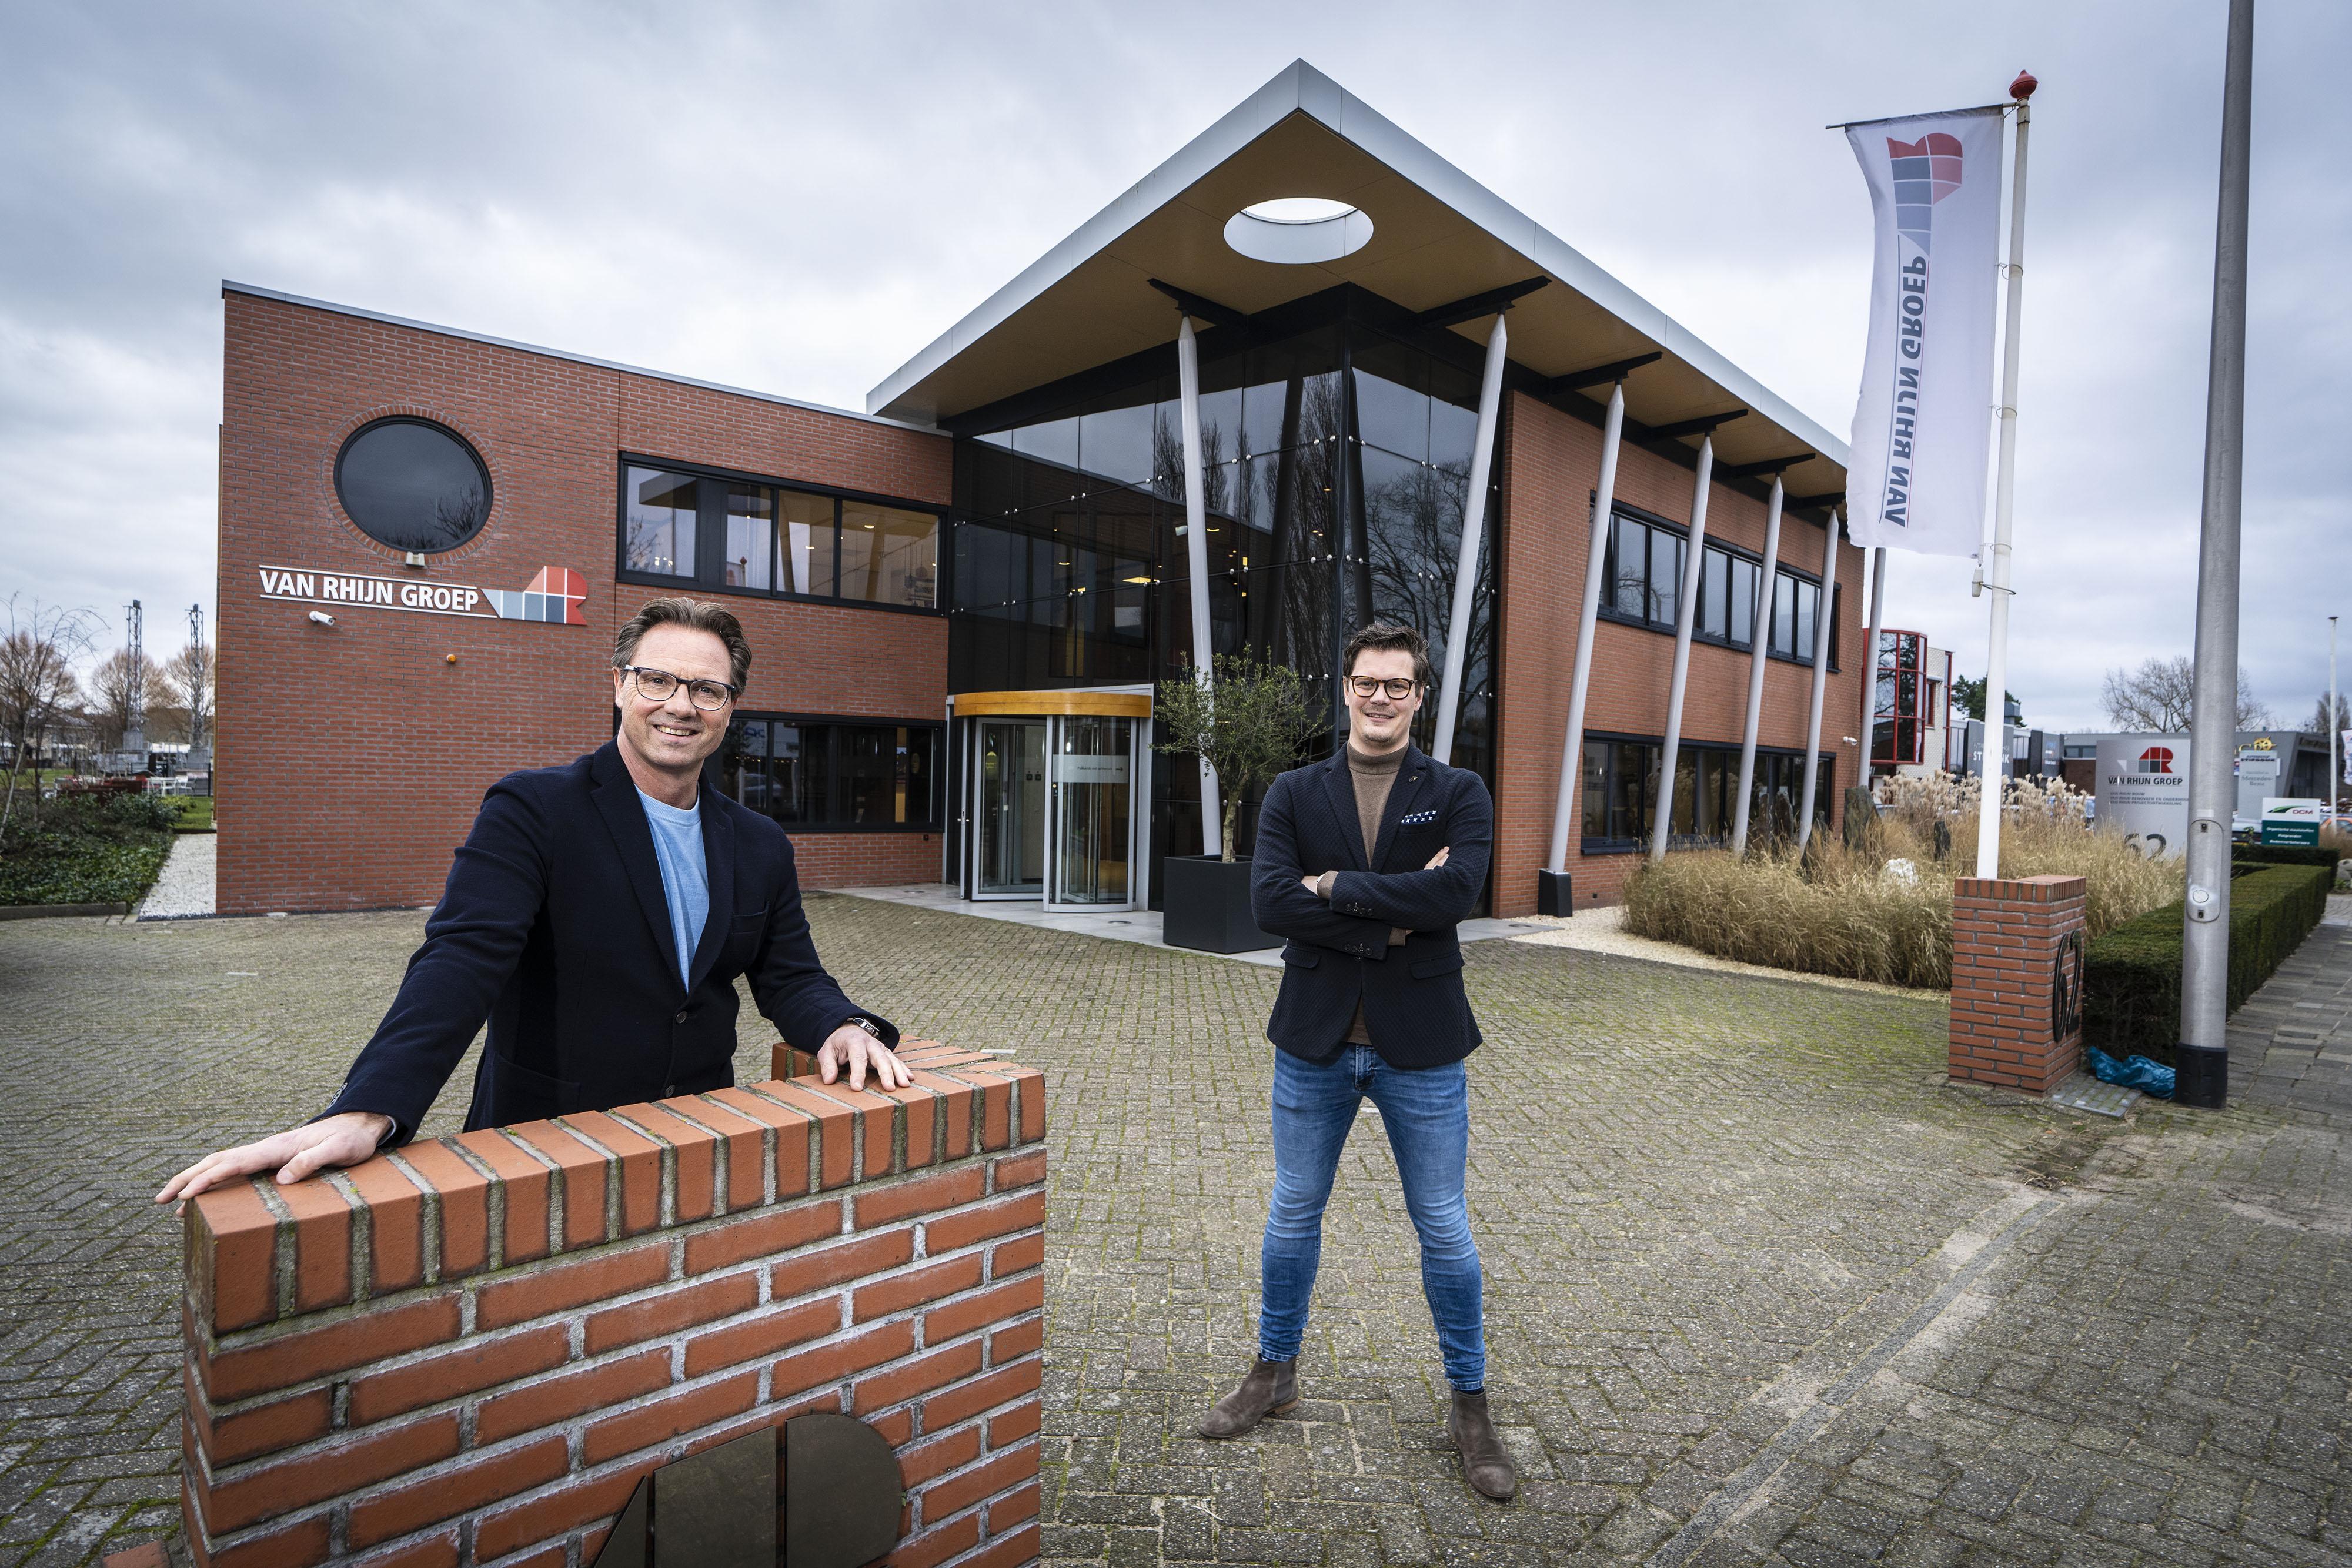 Generatiewissel bij jubileum Katwijks familiebedrijf Van Rhijn Bouw: 'We gooien niet meer dan honderd jaar ervaring weg'